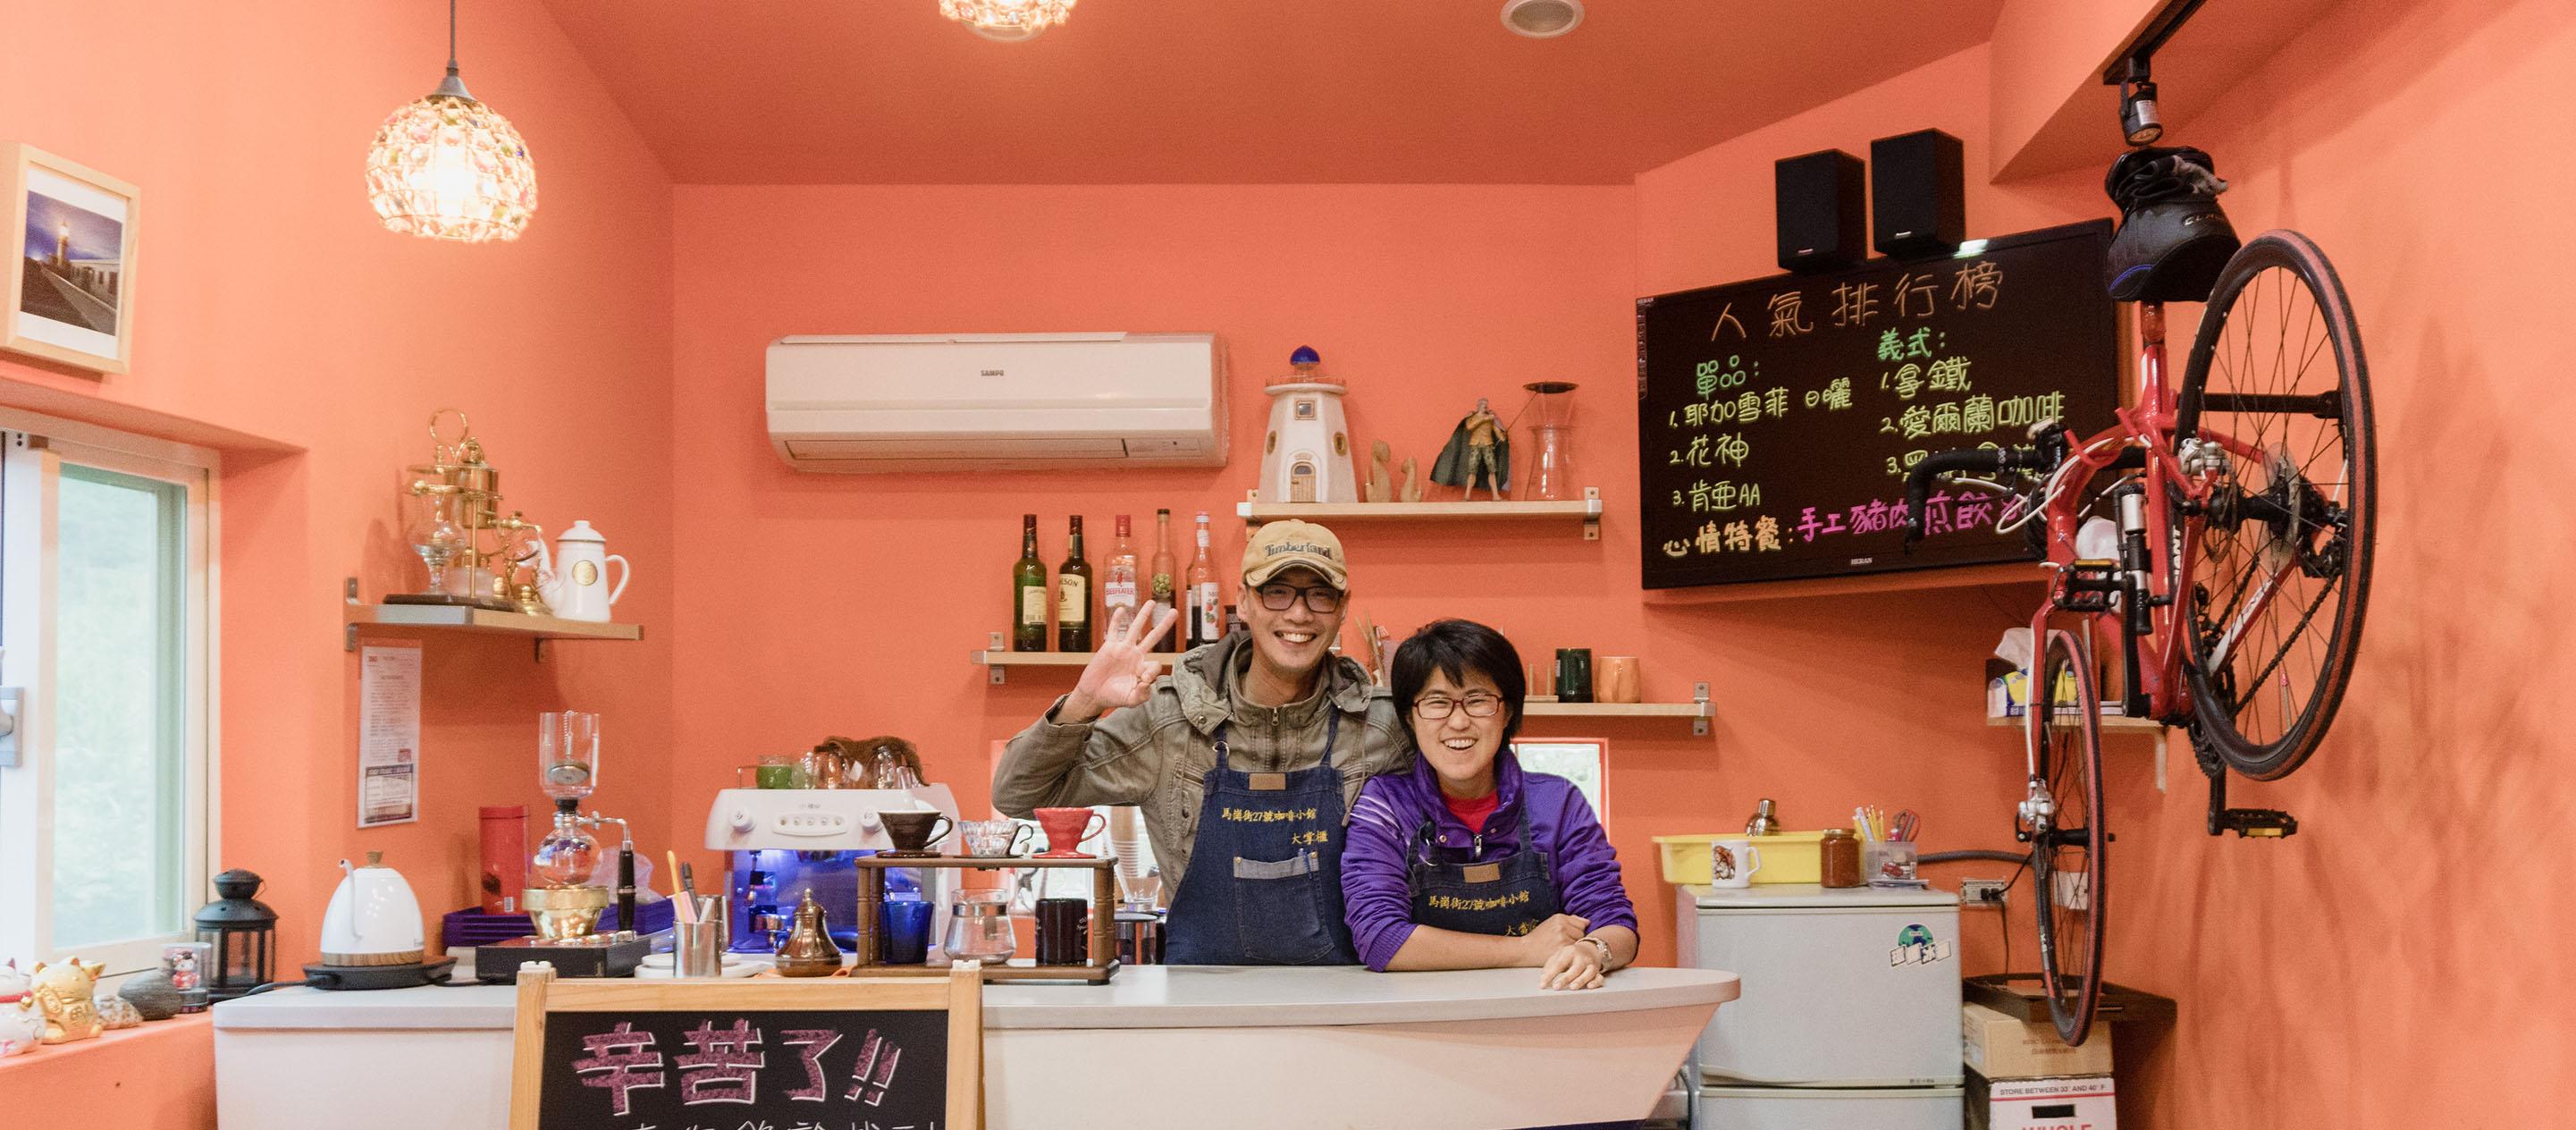 新北貢寮|「馬崗街 27 號咖啡小館」:奔向自由的太平洋,台灣最東邊的咖啡小館